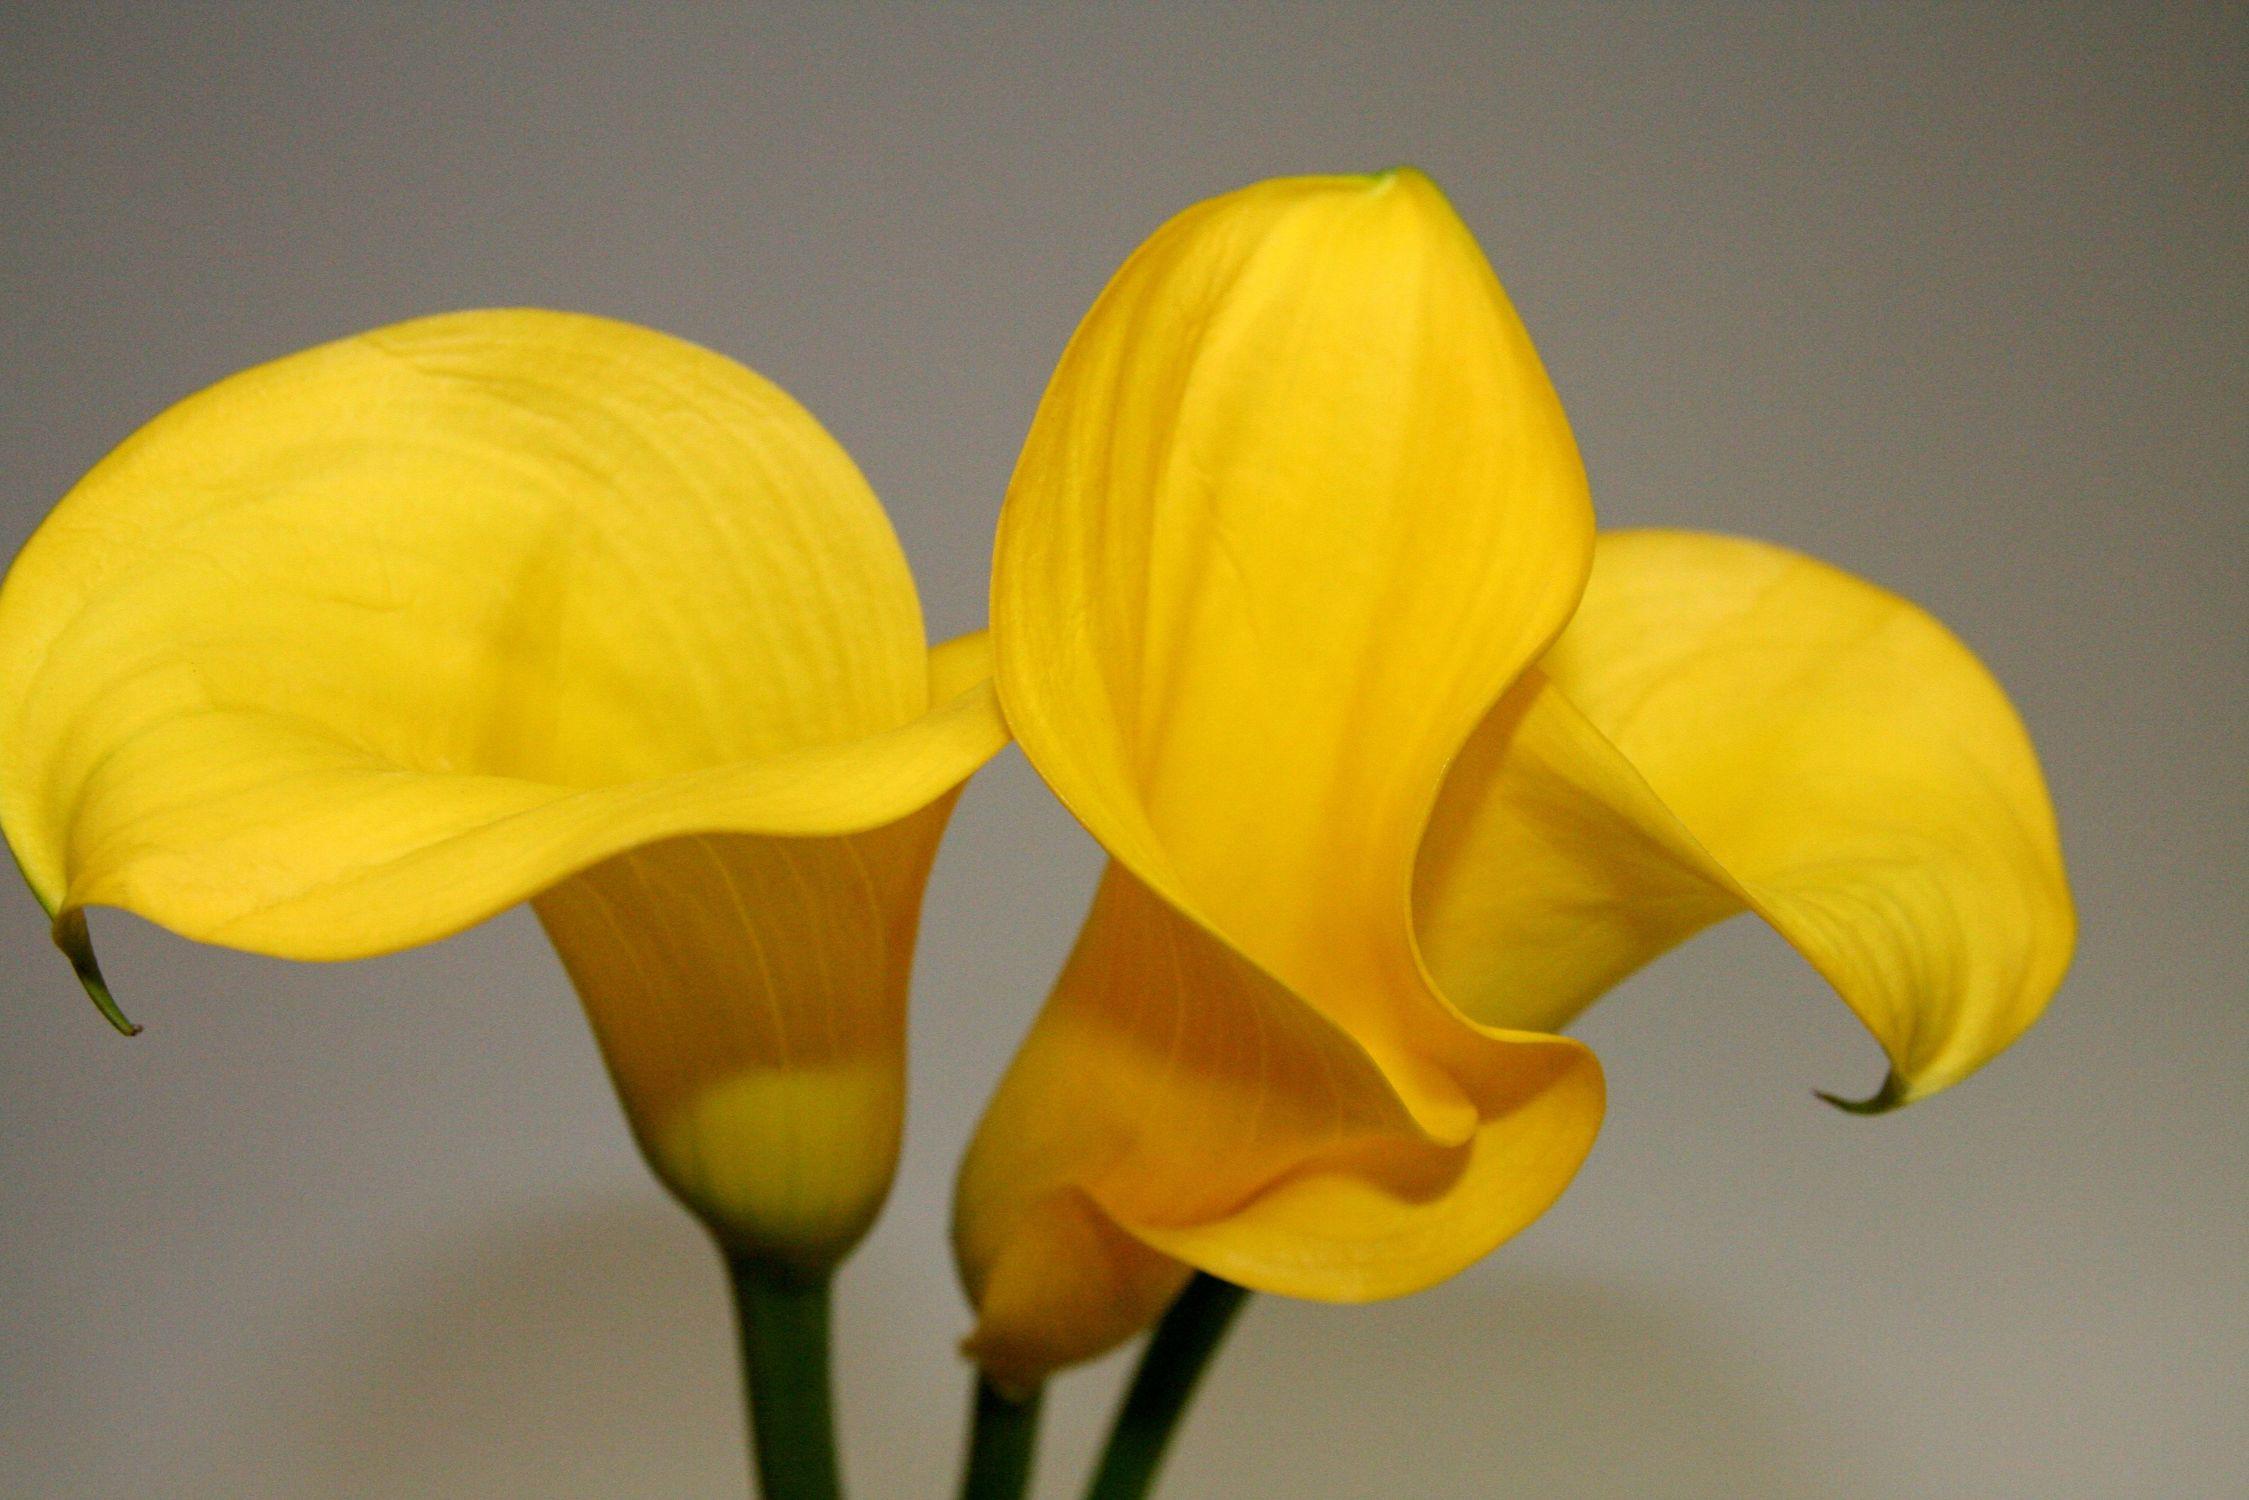 Bild mit Natur, Grün, Pflanzen, Blumen, Blume, Callas, Kalla, gelbe Calla, grauer Hintergrund